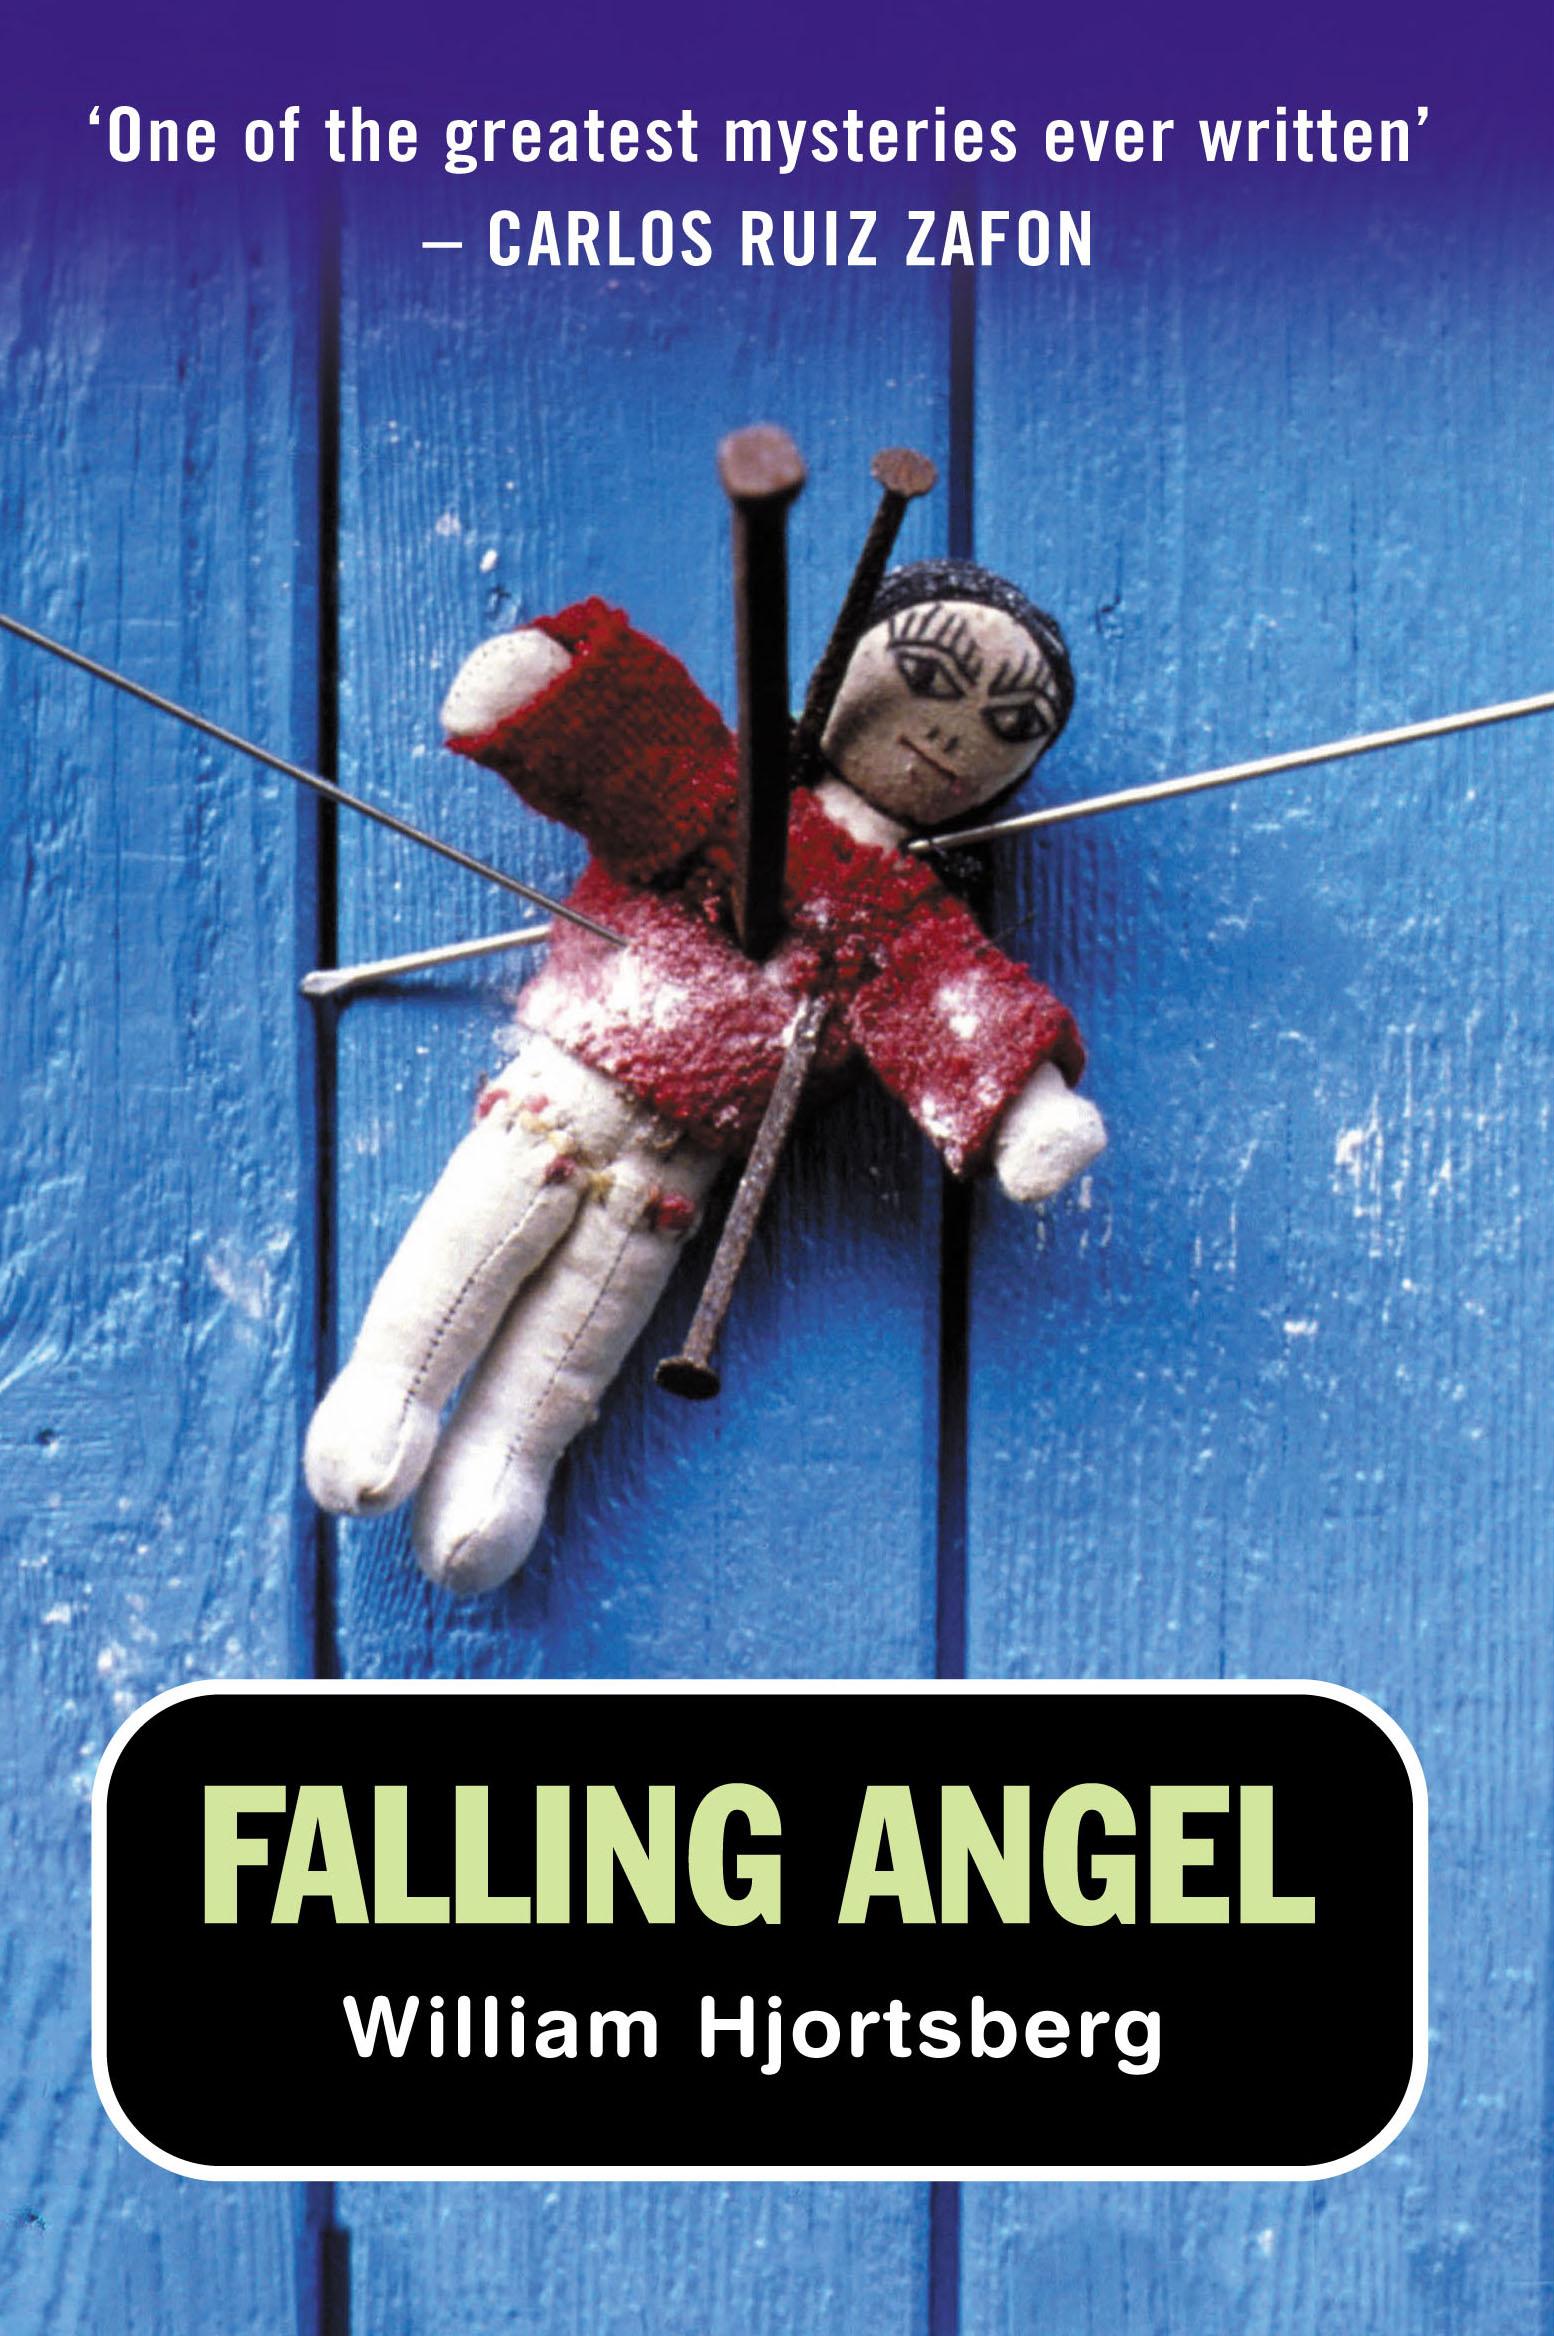 Скачать книгу уильяма хьортсберга падший ангел